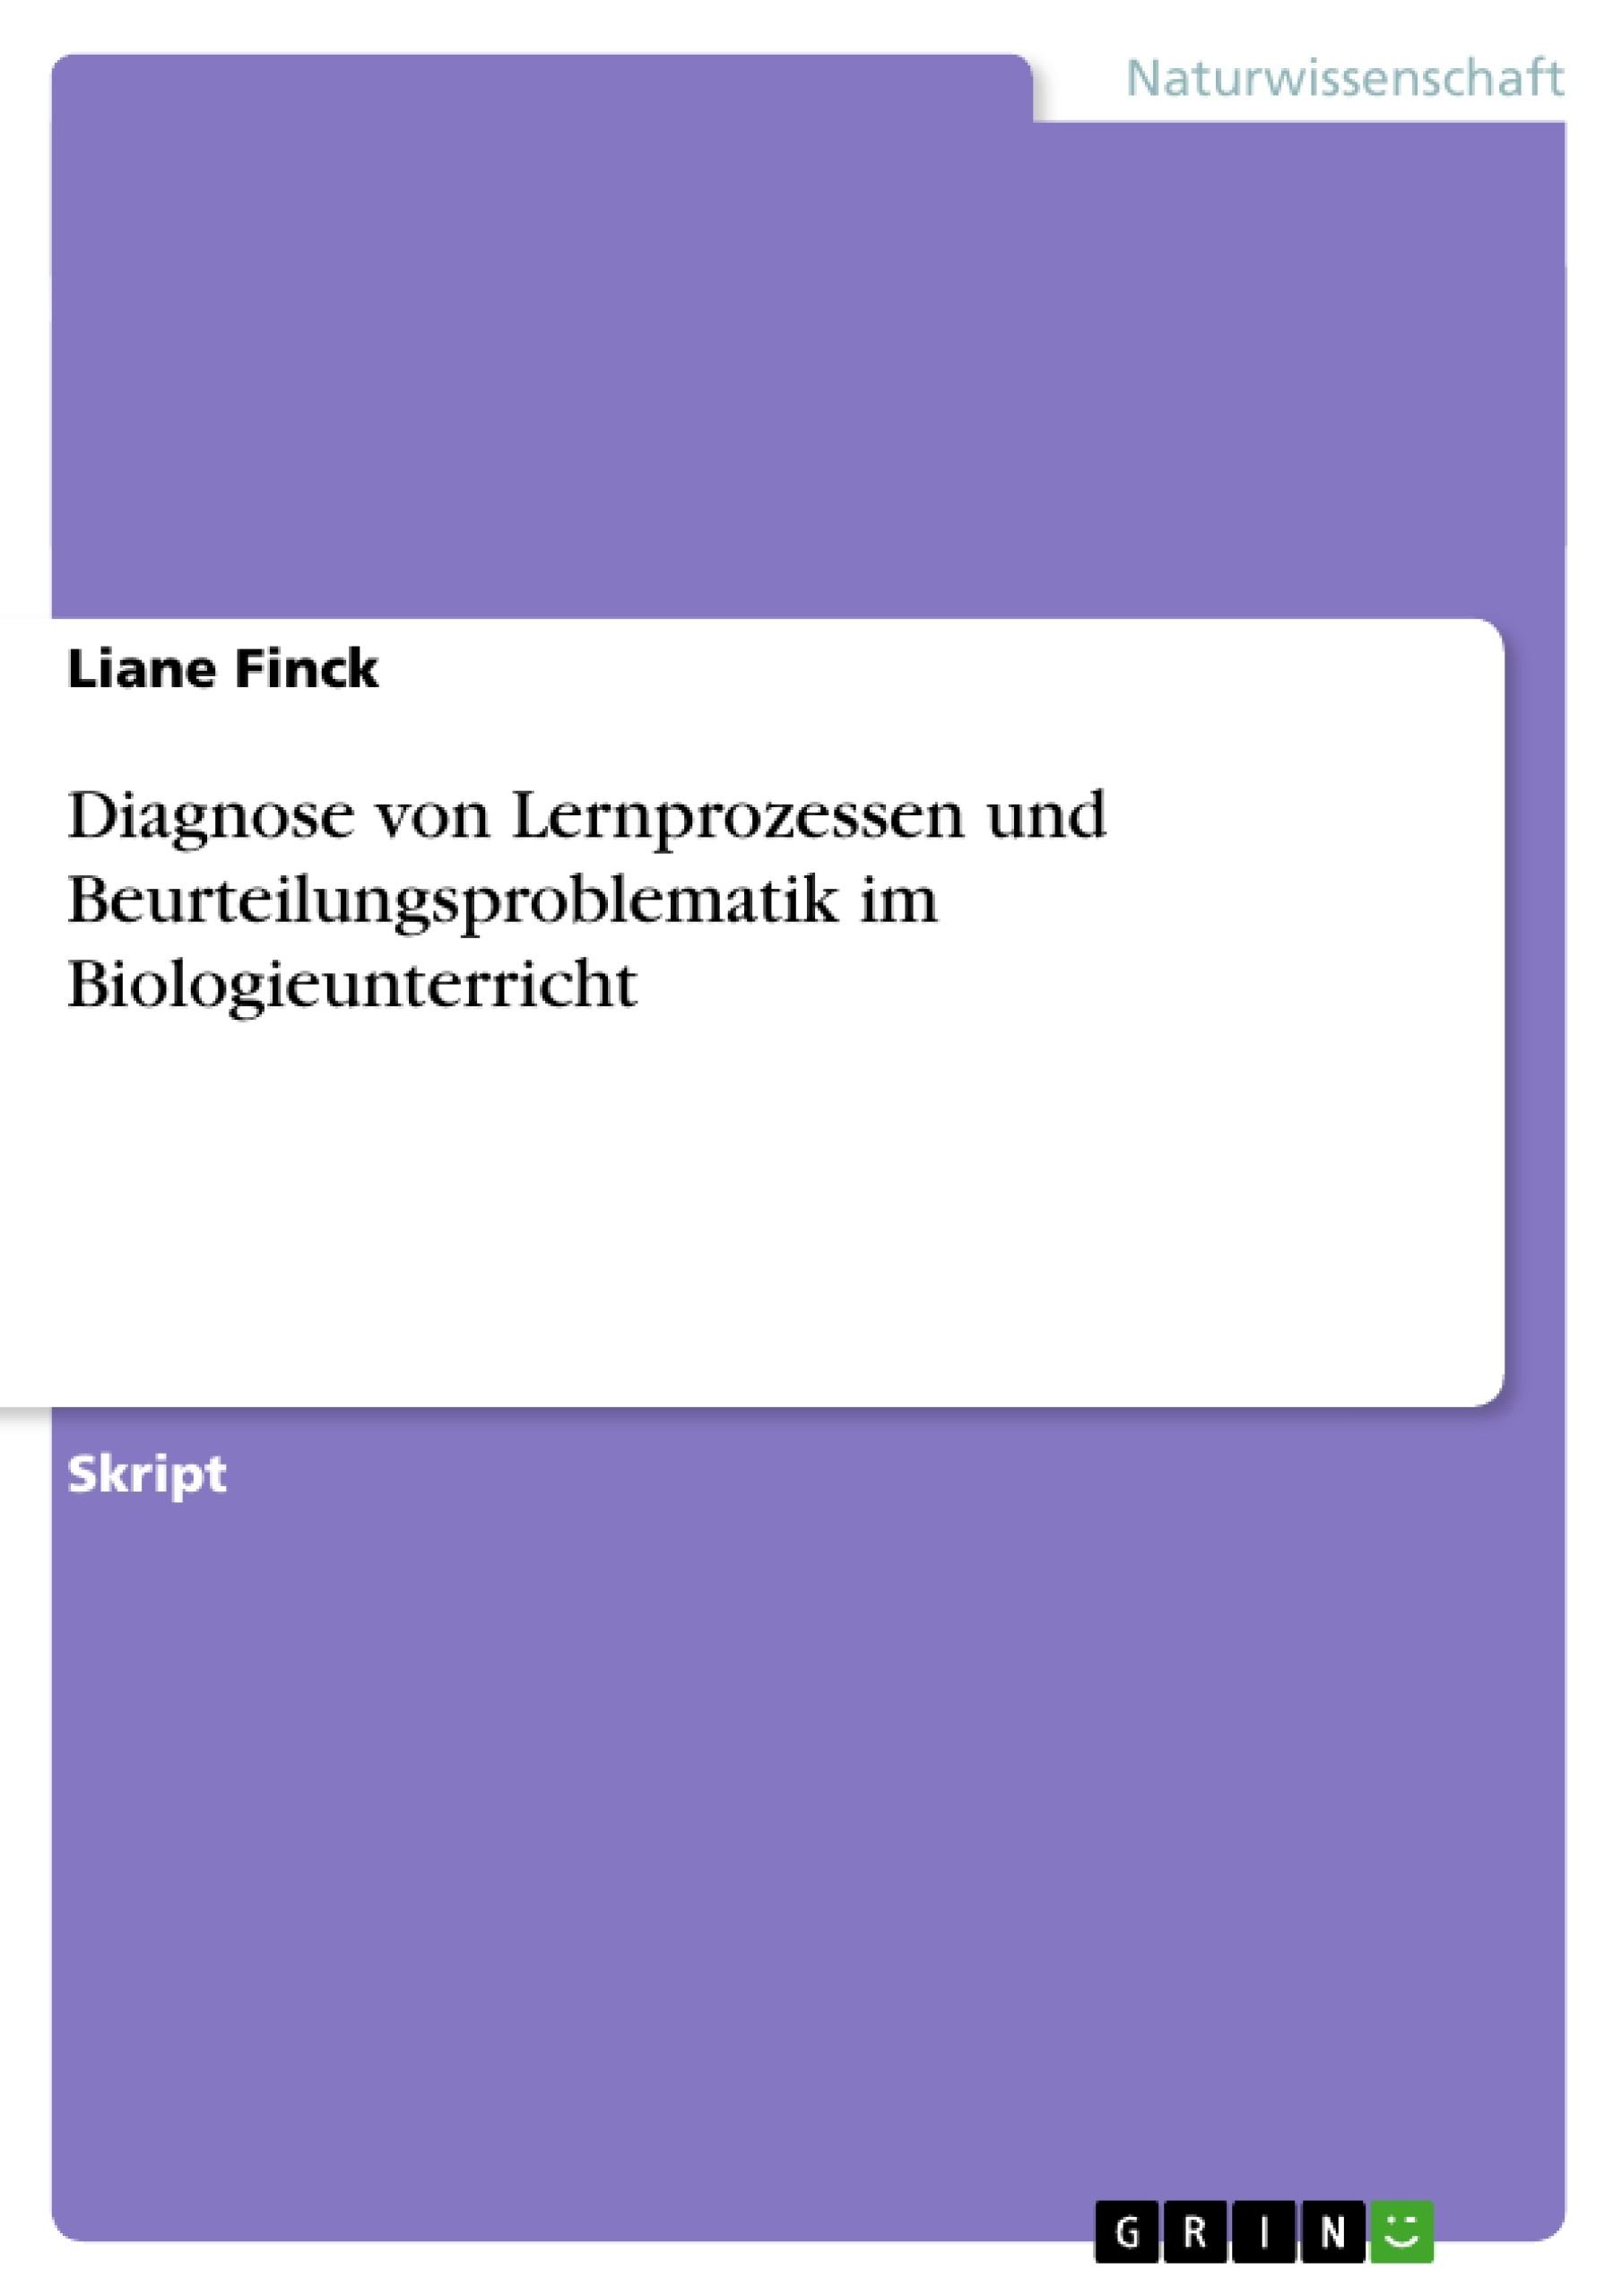 Titel: Diagnose von Lernprozessen und Beurteilungsproblematik im Biologieunterricht